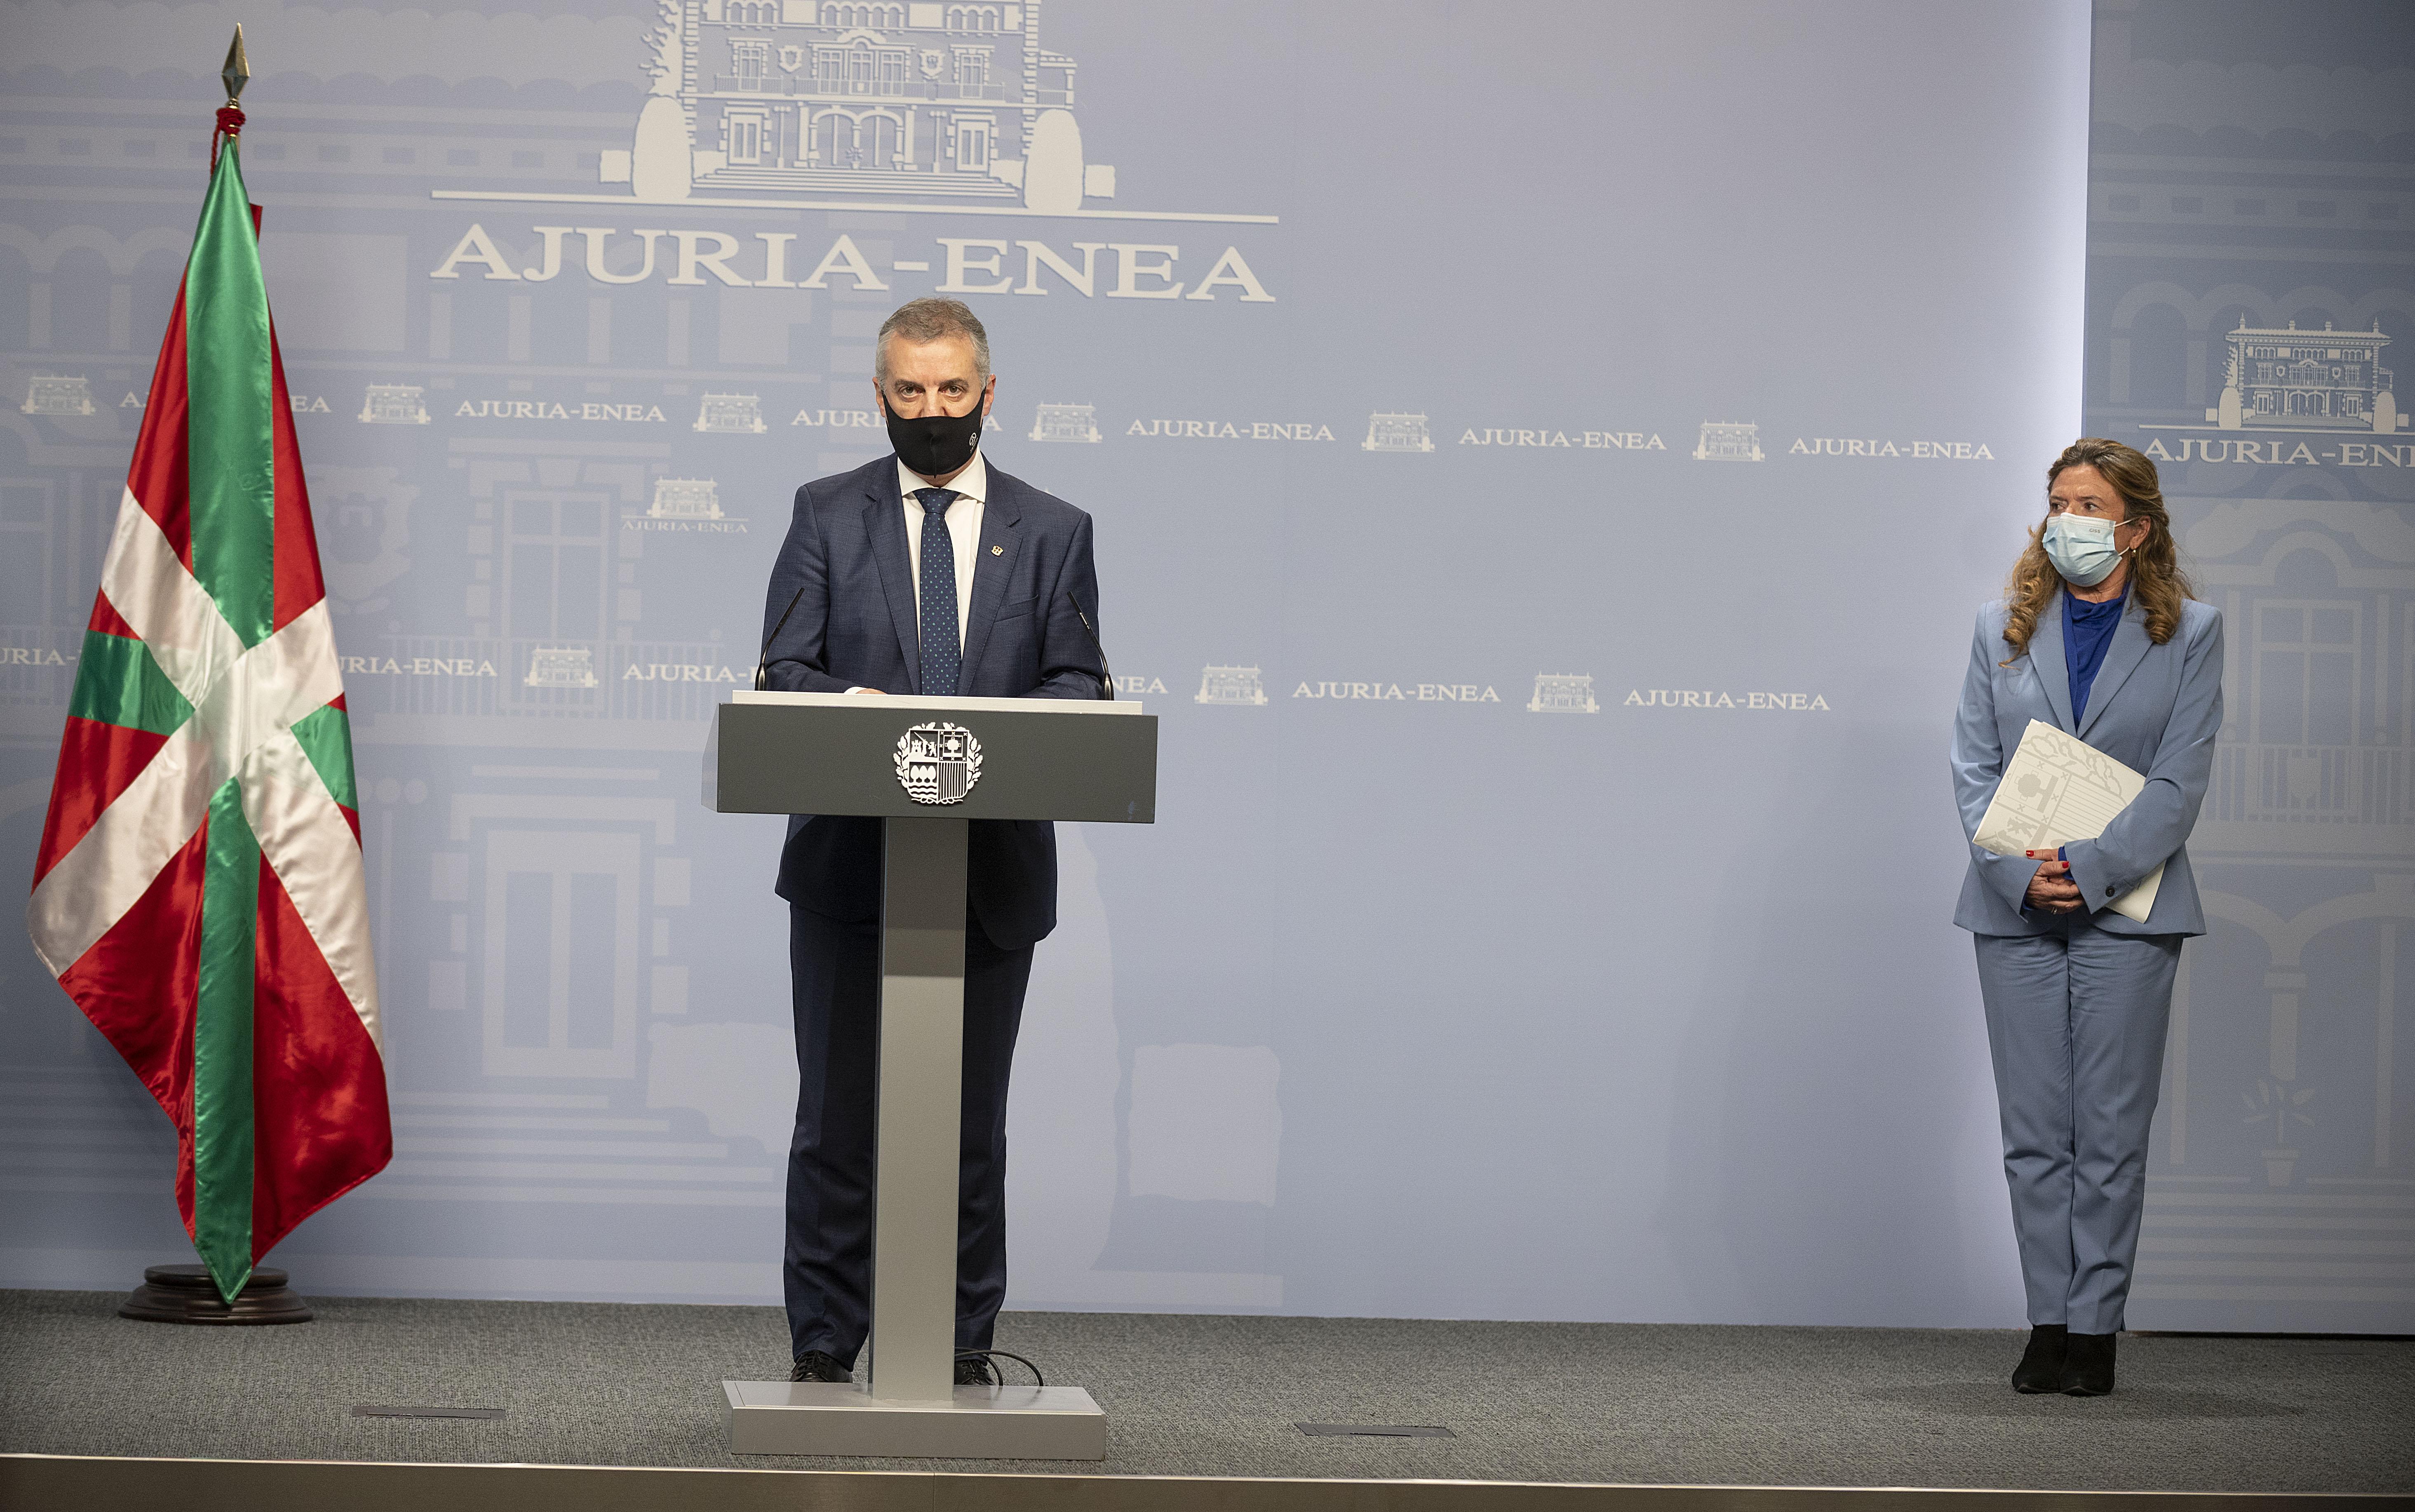 El Consejo Asesor del LABI prolonga las medidas de prevención en Euskadi hasta lograr mayor estabilidad de la situación epidemiológica [41:24]